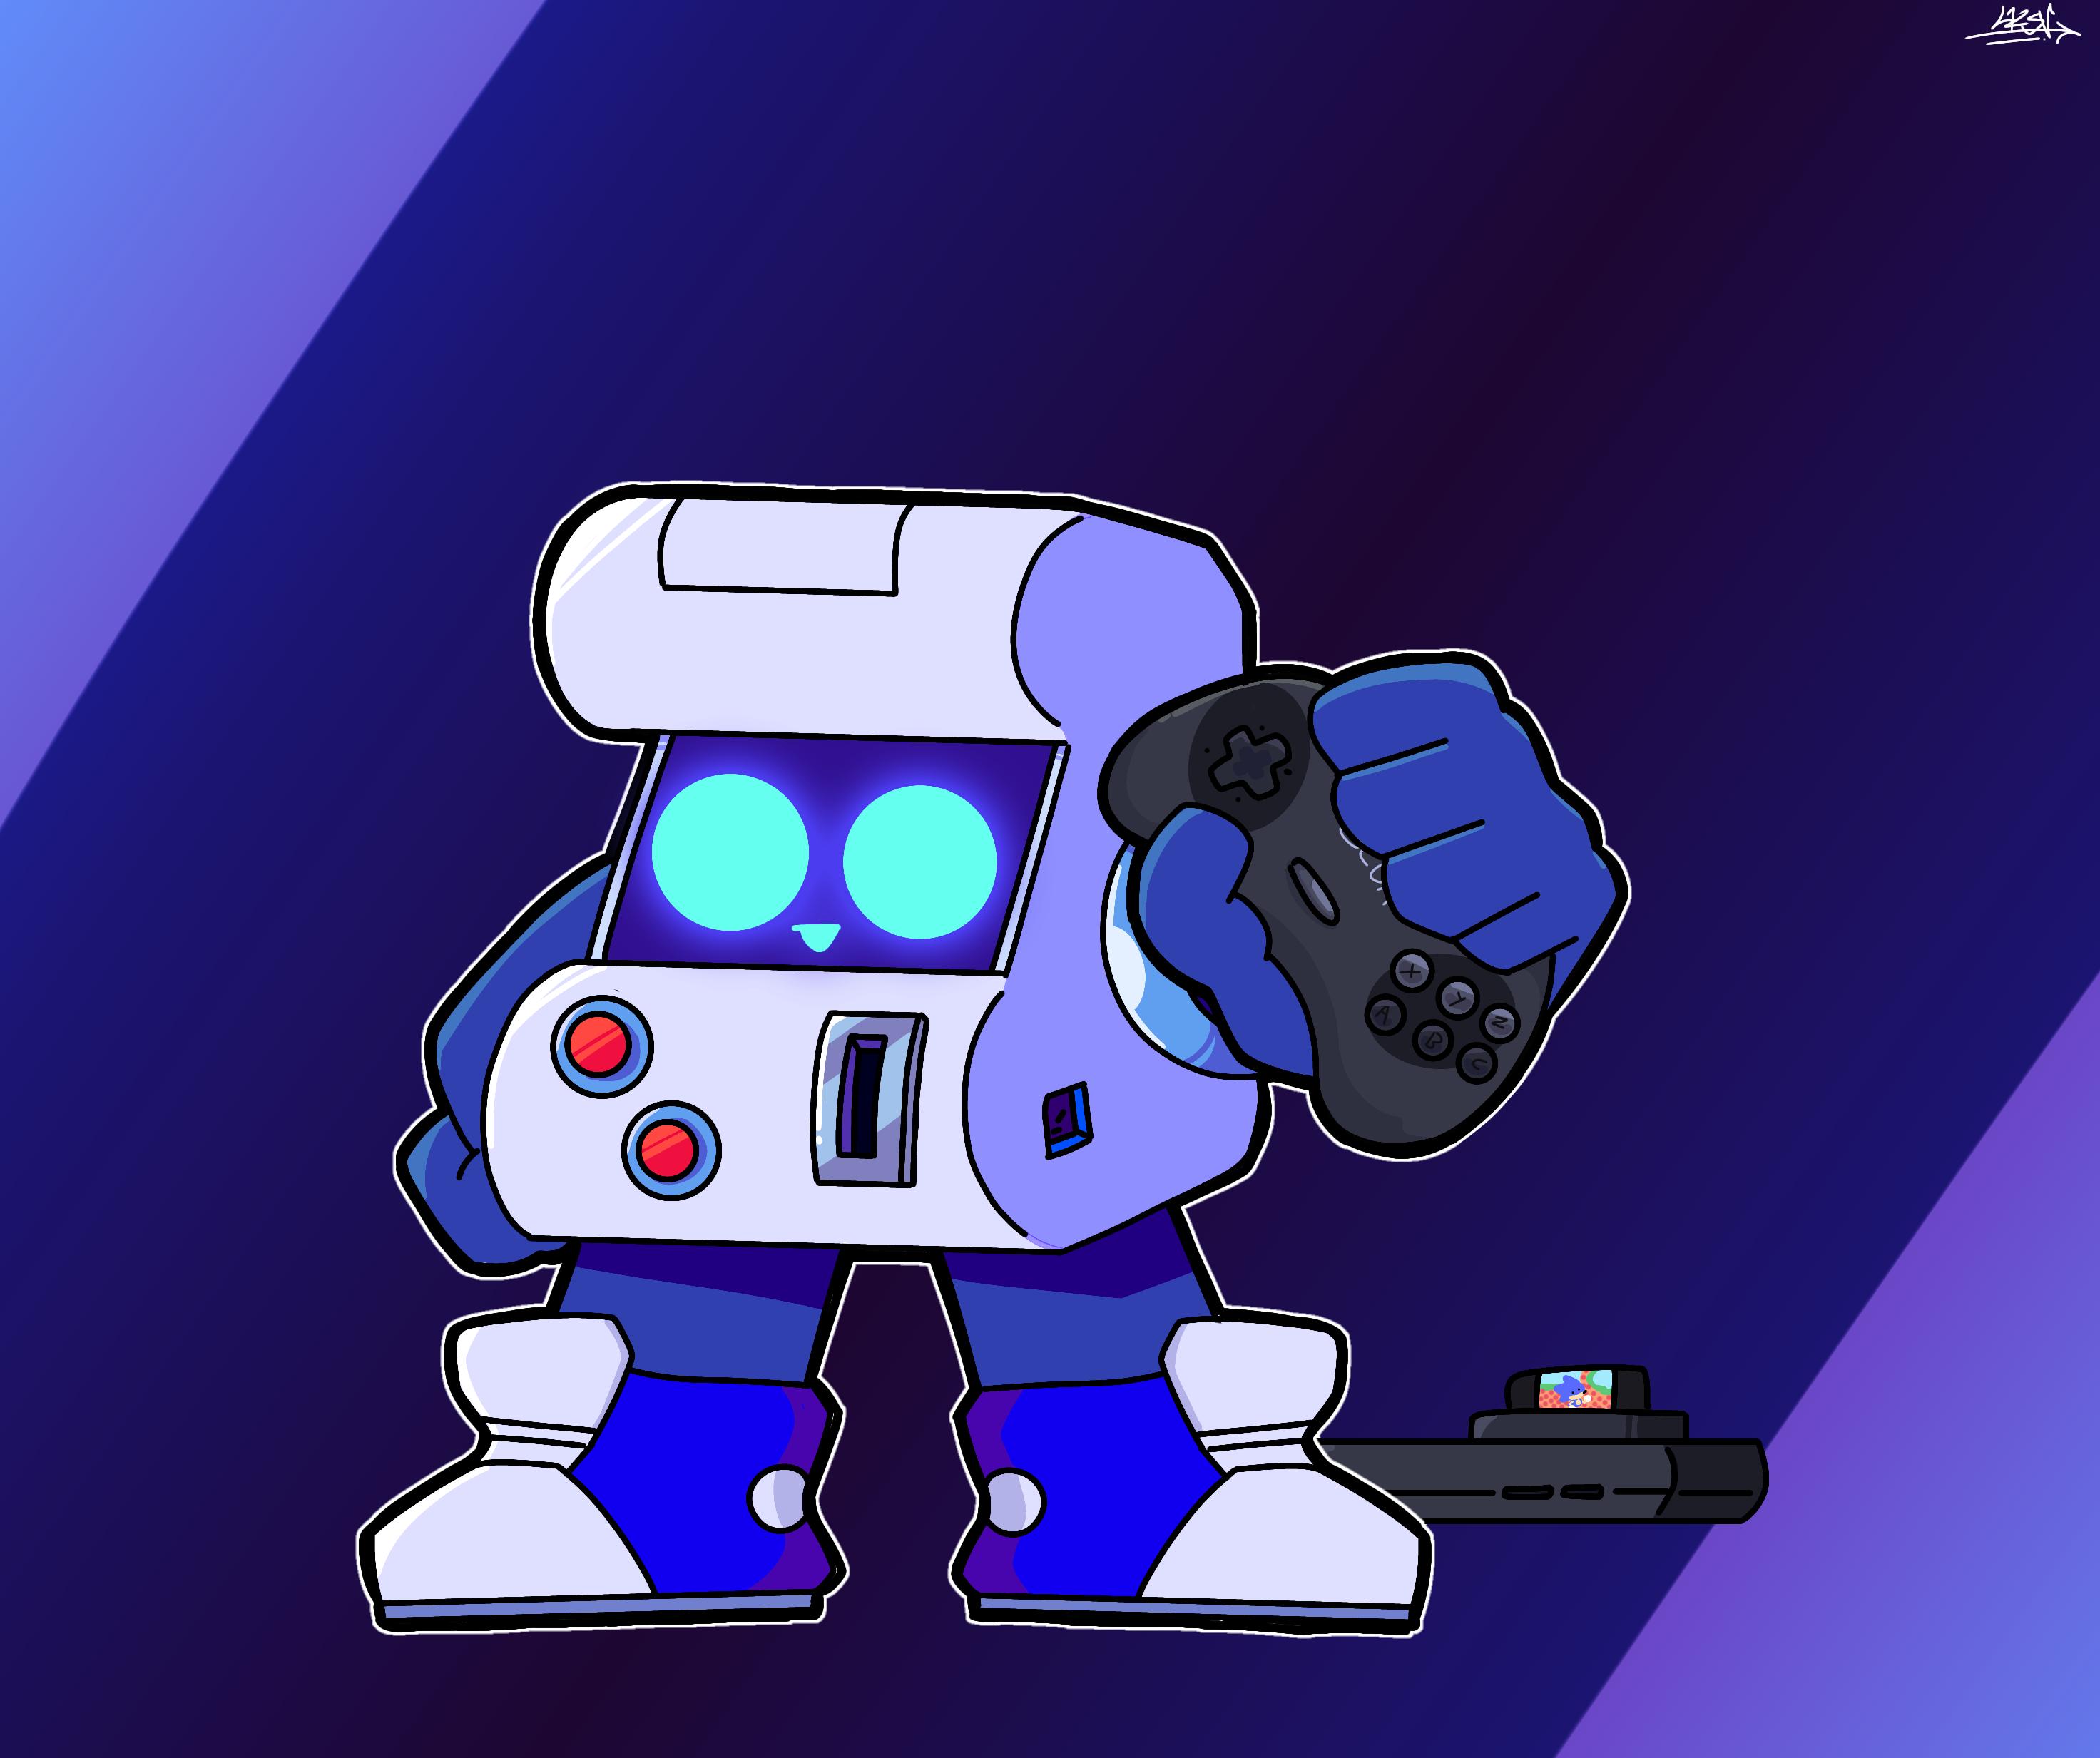 8-bit whit a Sega Genesis control